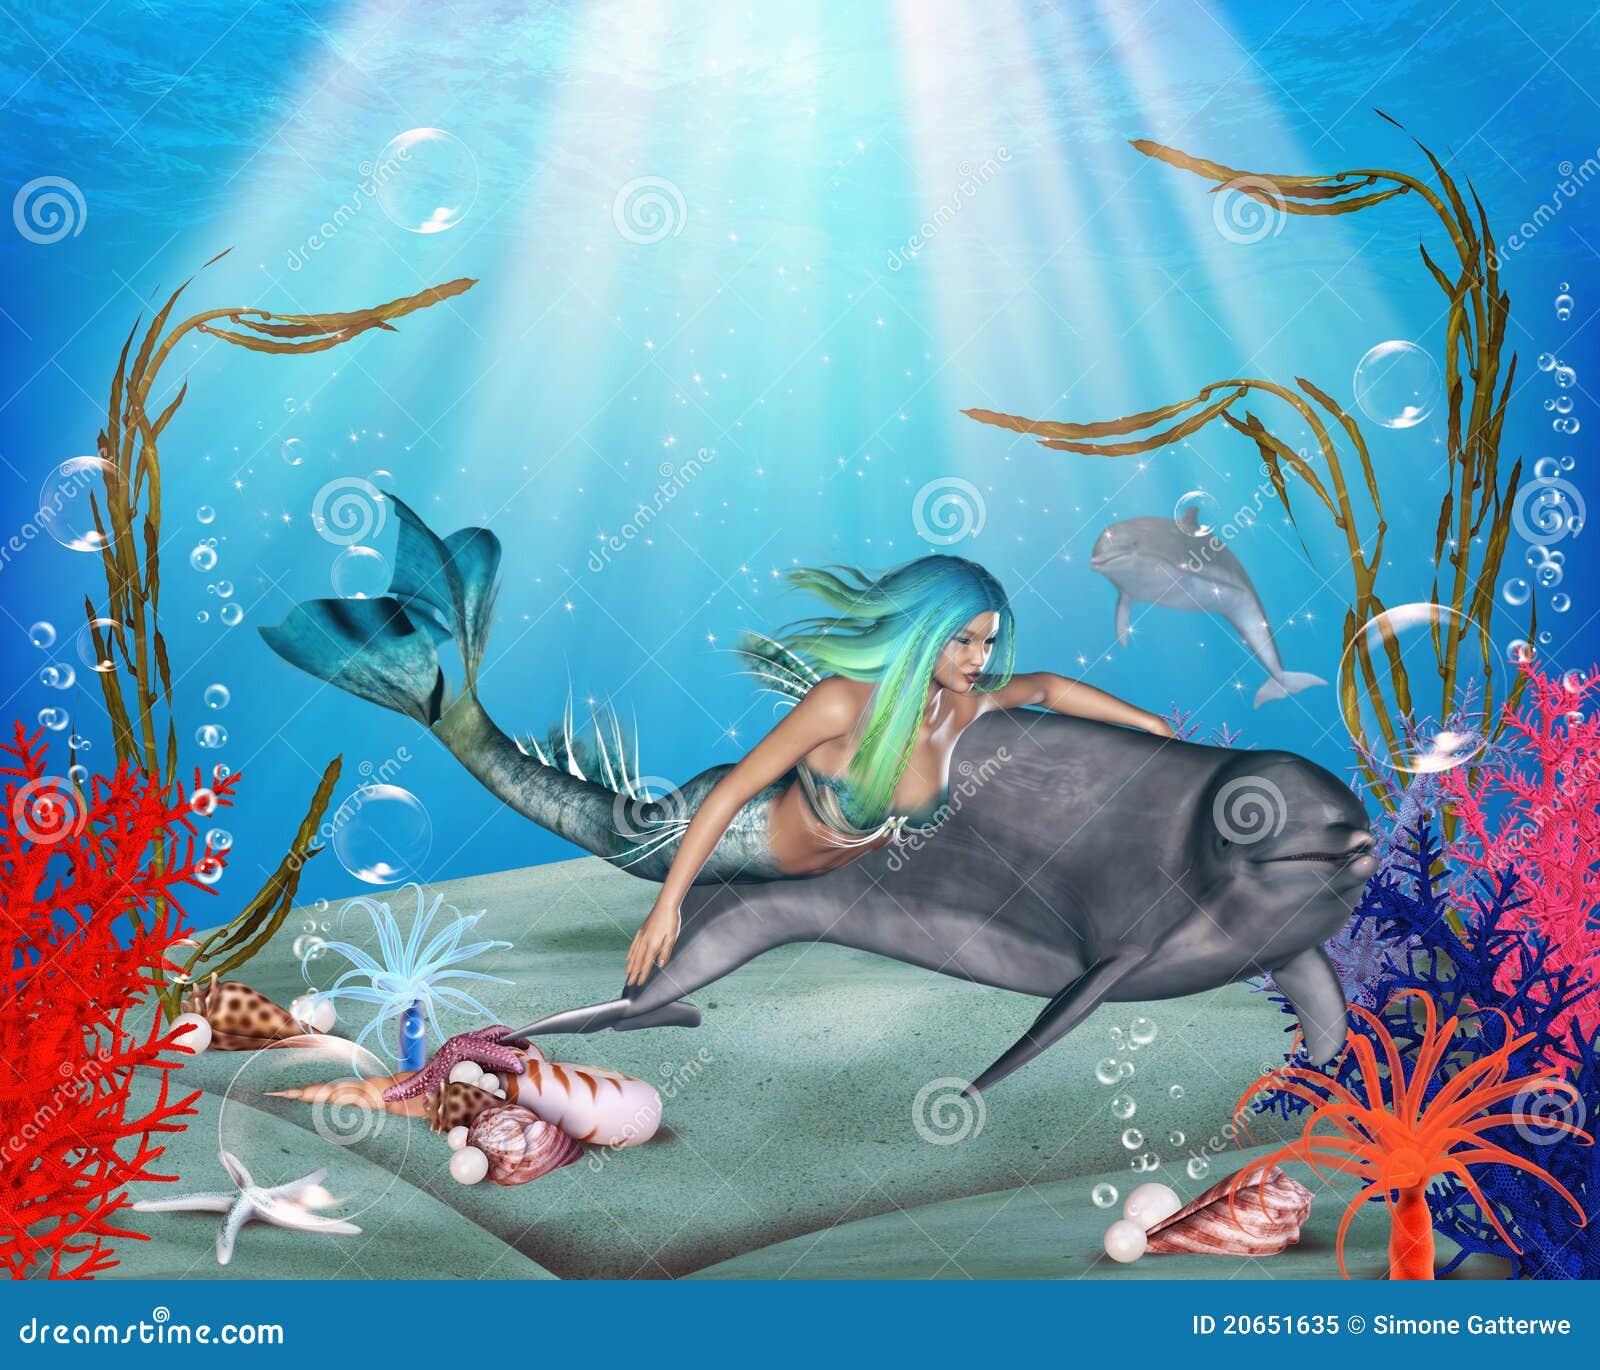 海豚美人鱼